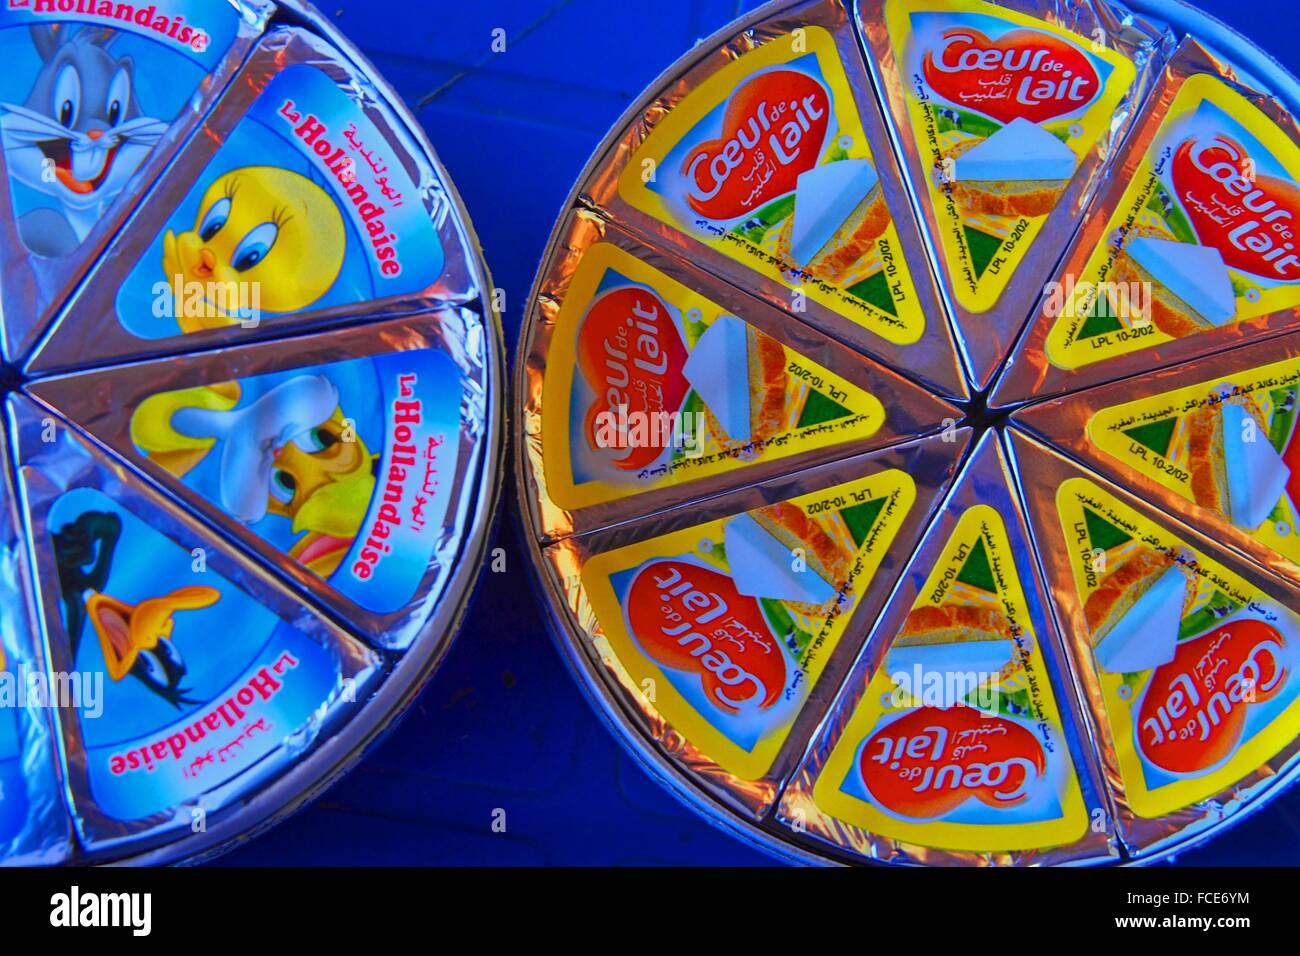 Coeur de Lait und La Hollandaise folienverpackte Weichkäse Portionen sehr beliebt in Marokko Stockbild